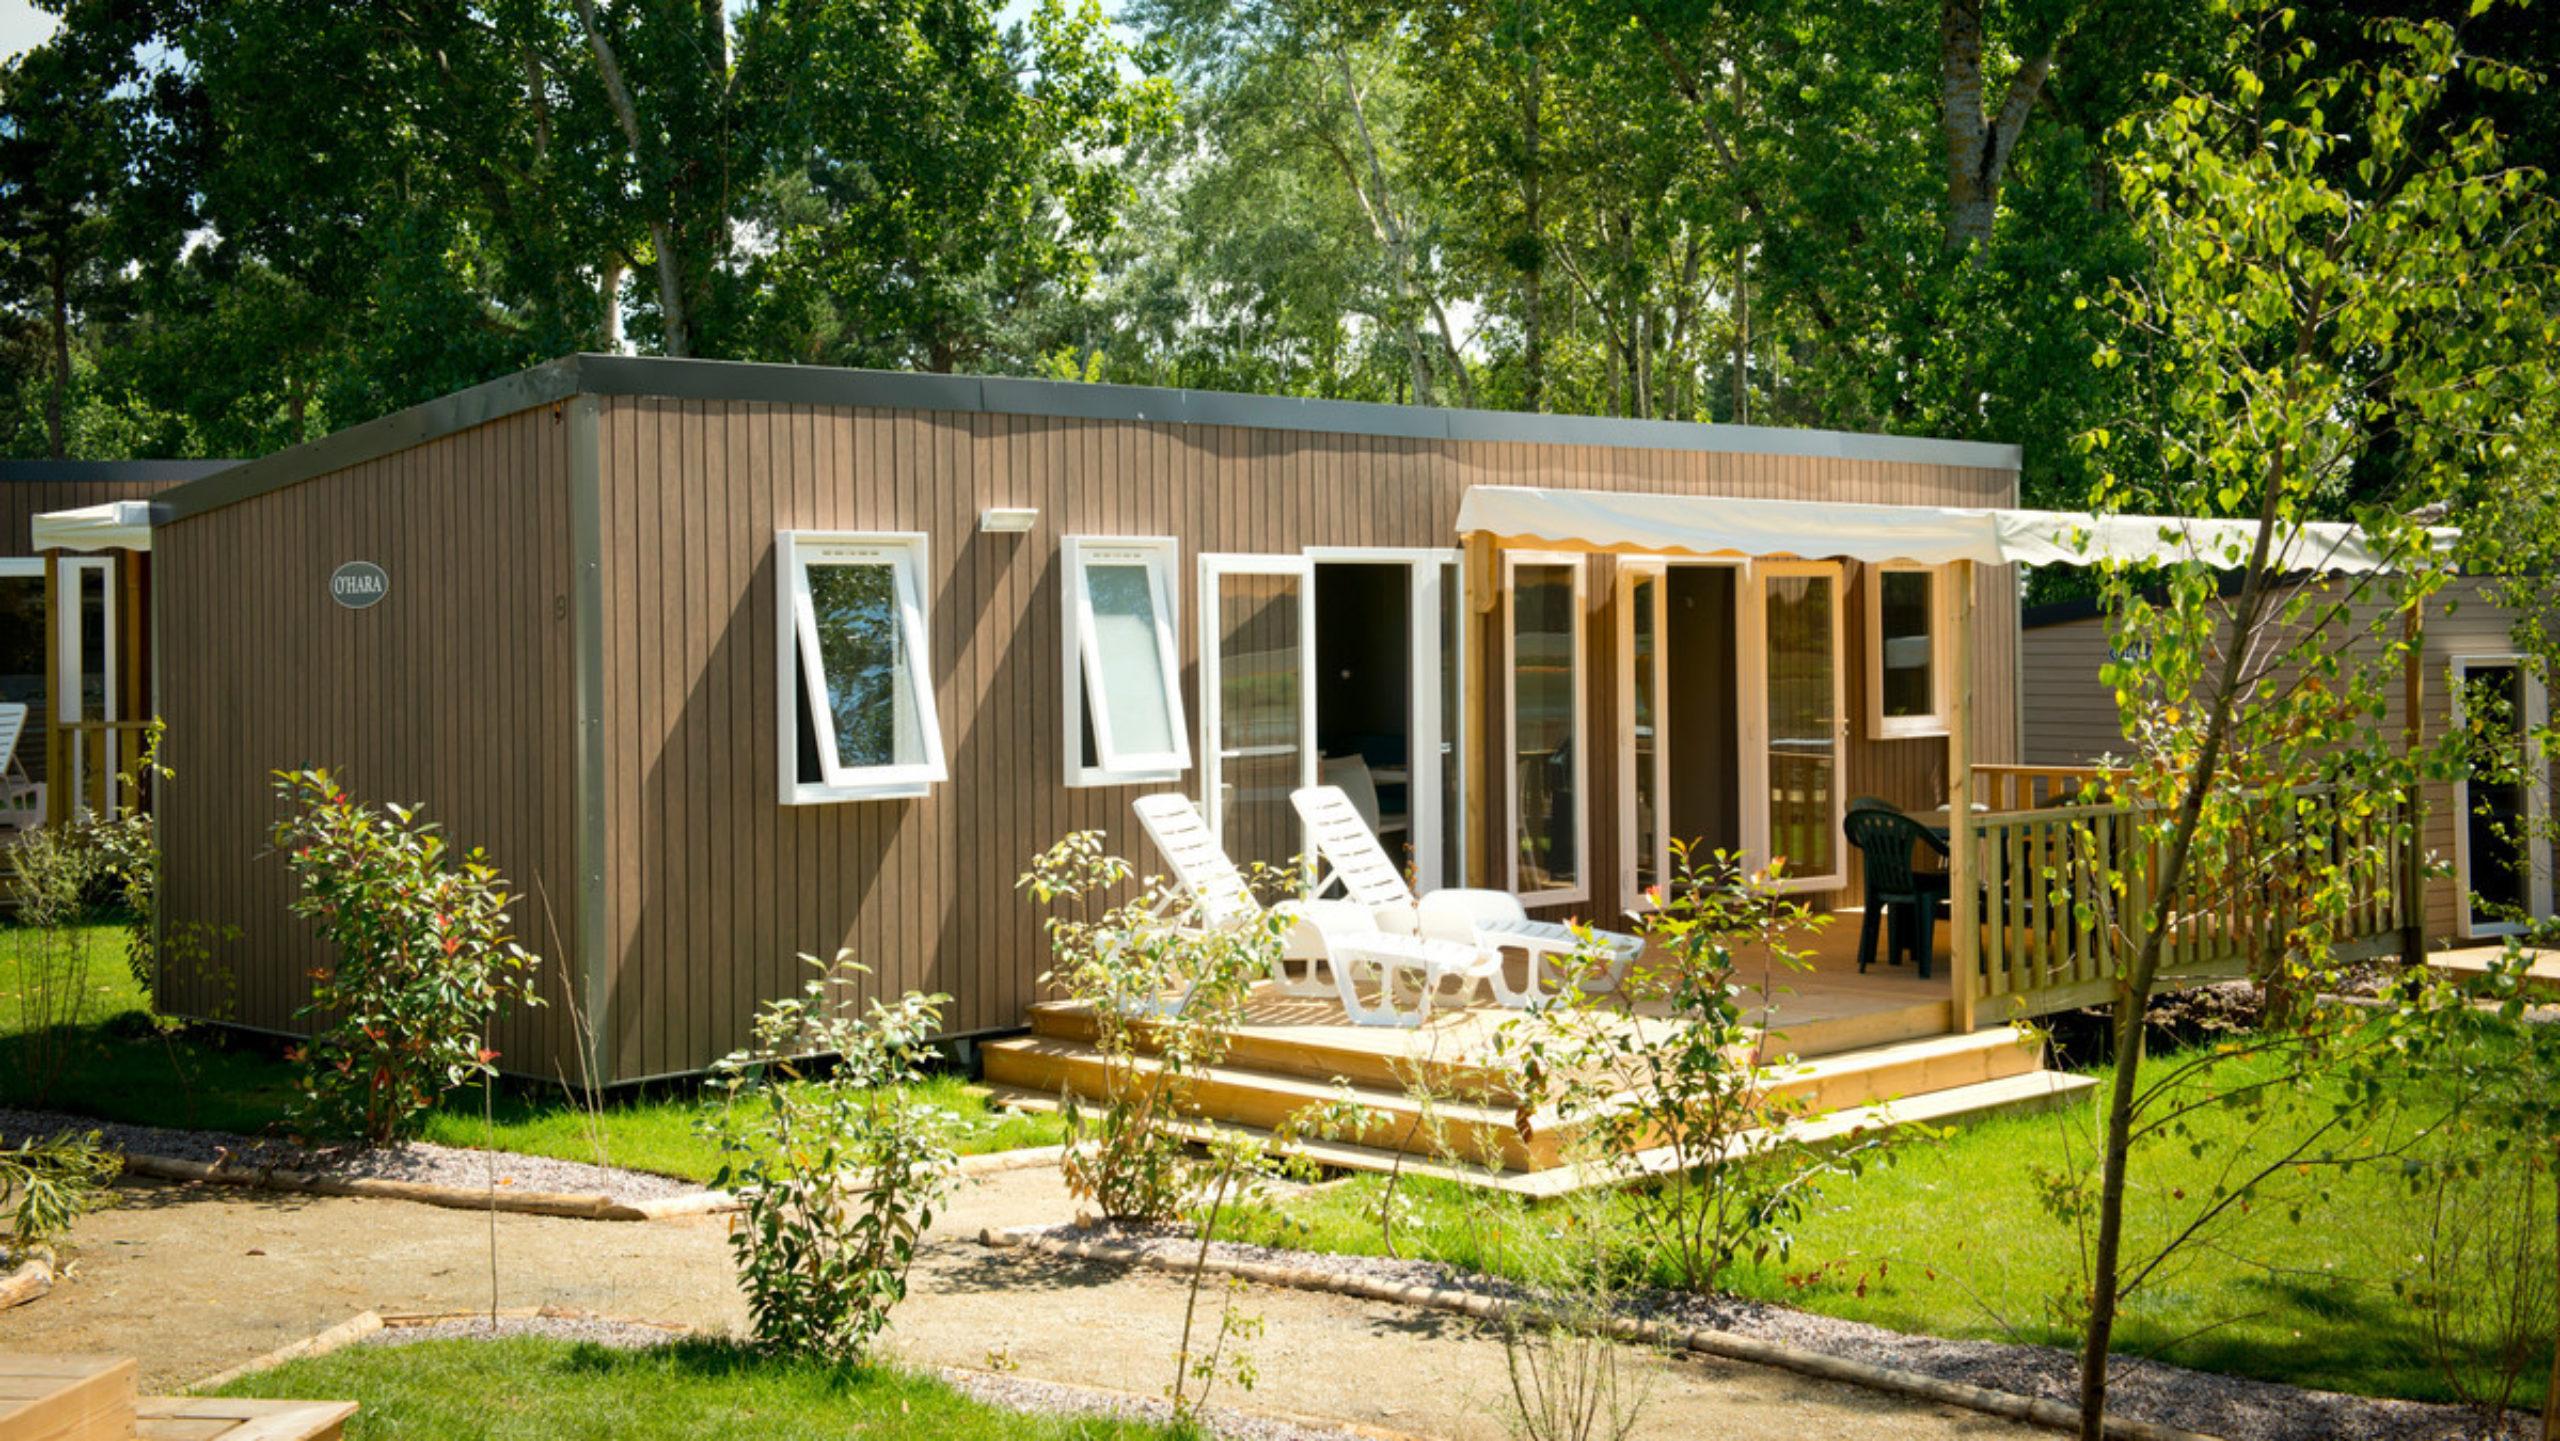 Campingprevaliere.com : Blog vacances, tourisme et voyage